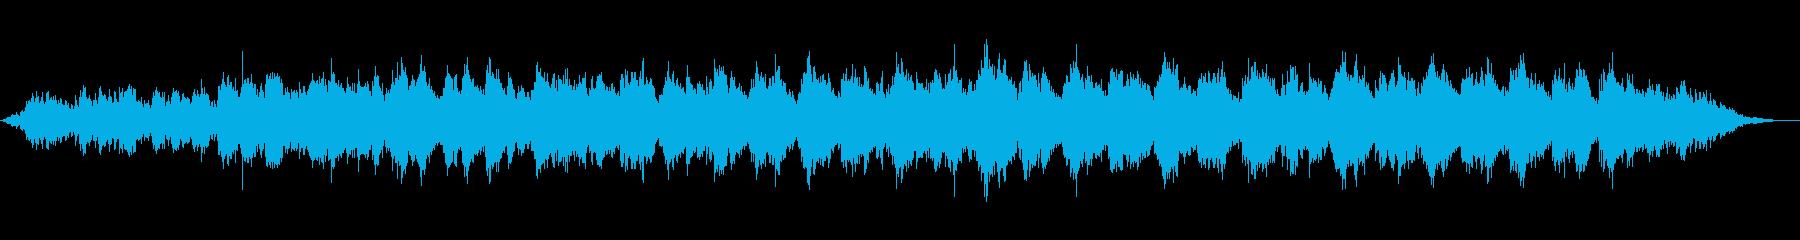 サイケデリックなギターアンビエントの再生済みの波形